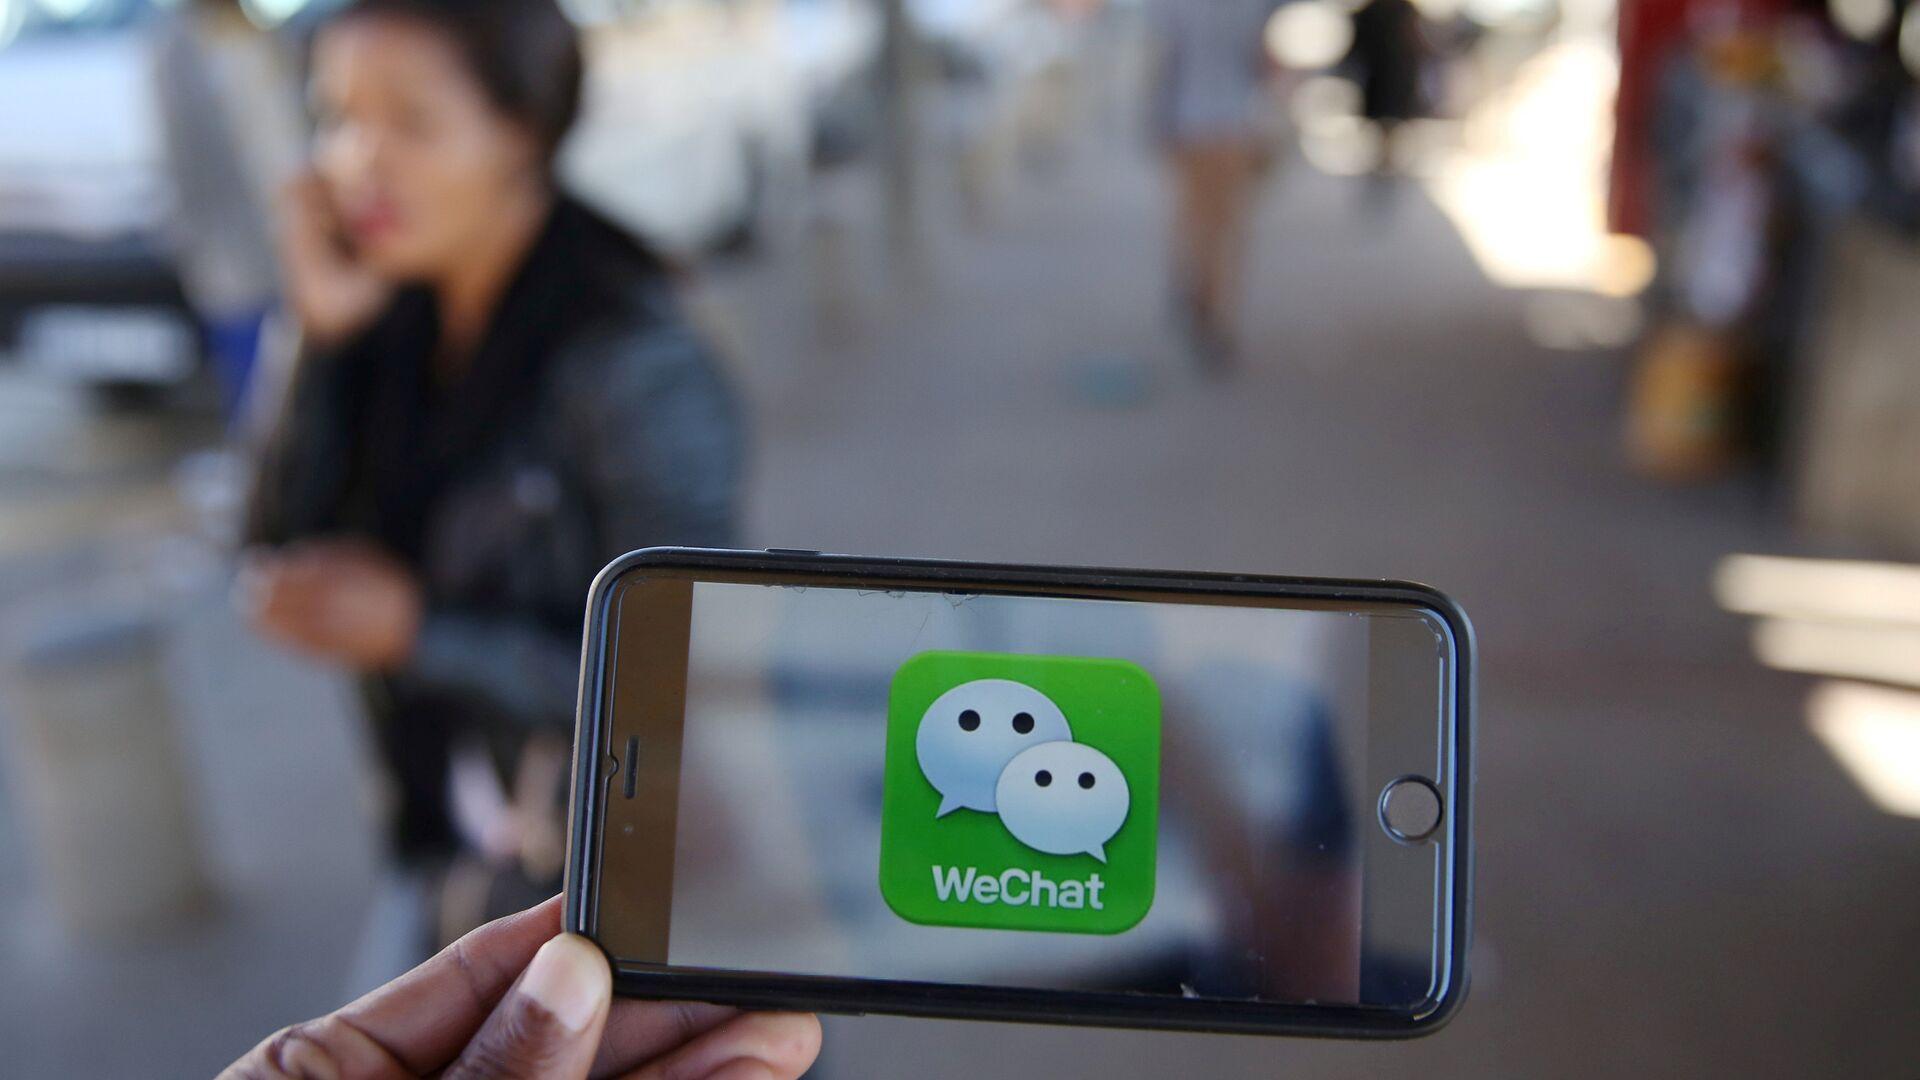 Un logotipo de WeChat se muestra en un teléfono móvil - Sputnik Mundo, 1920, 26.04.2021